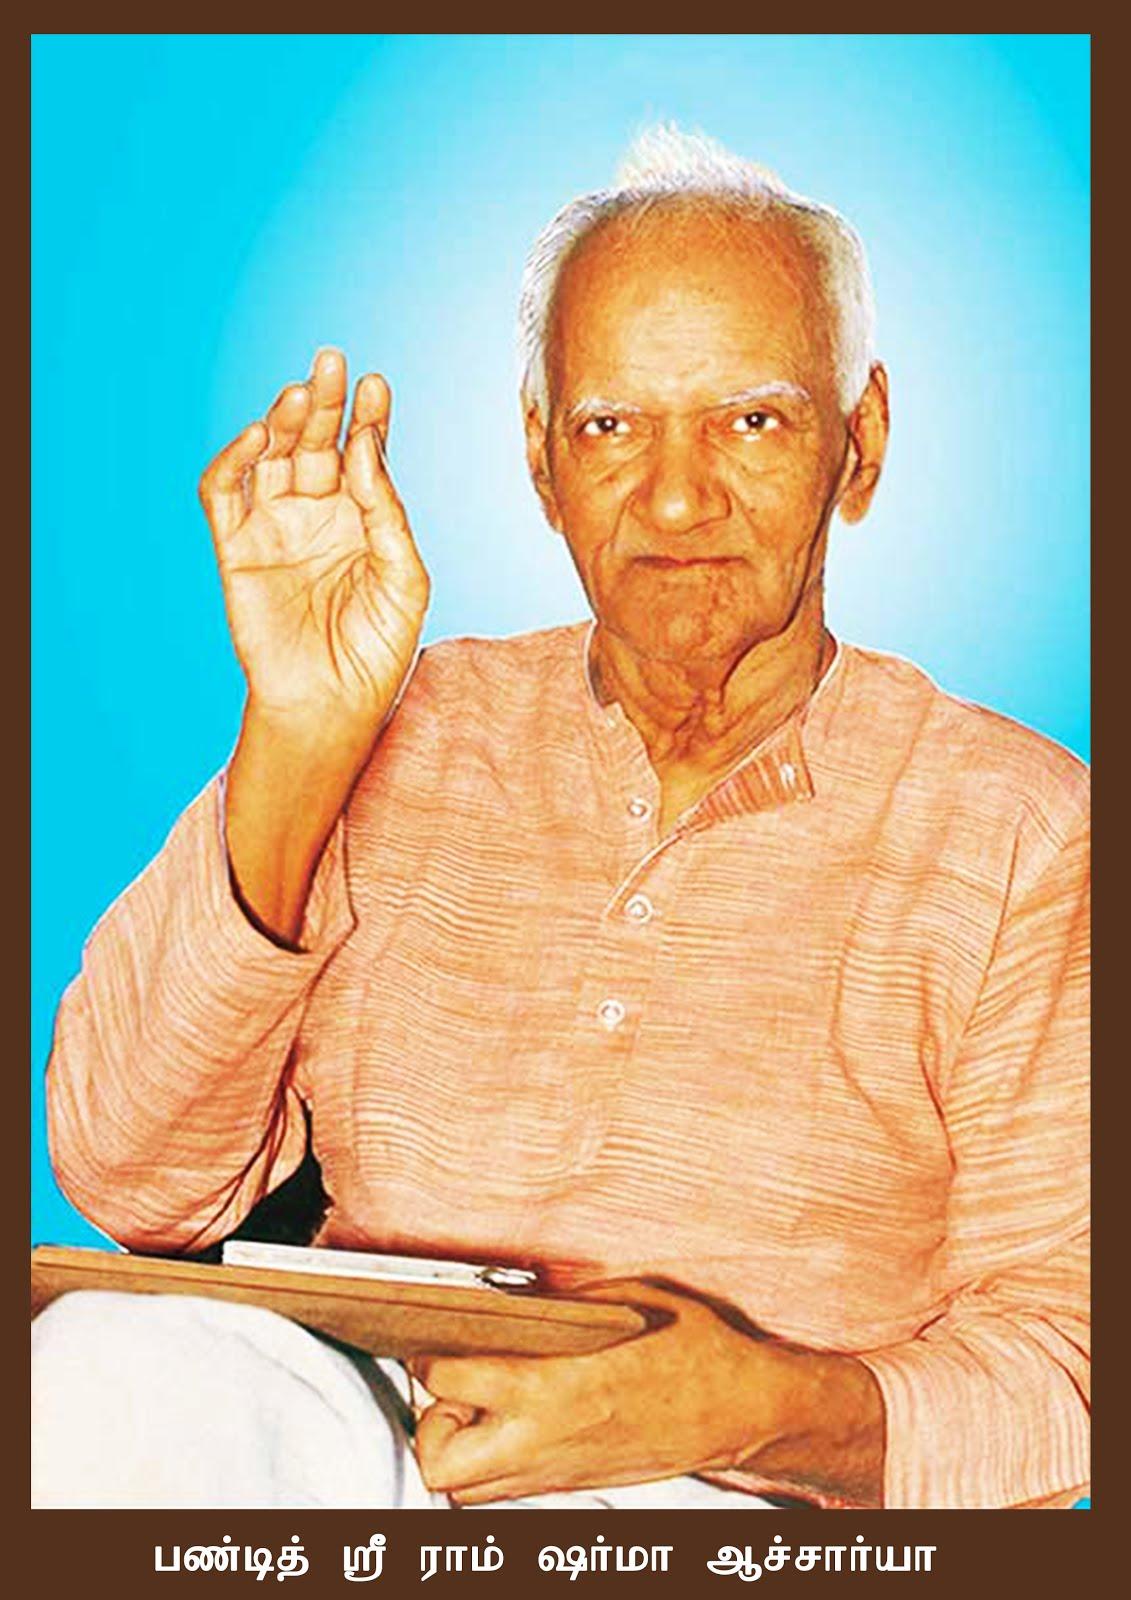 ஸ்ரீ ஸக்தி சுமனனின் மகாகாரண சரீர சாதனா குருநாதர்கள்